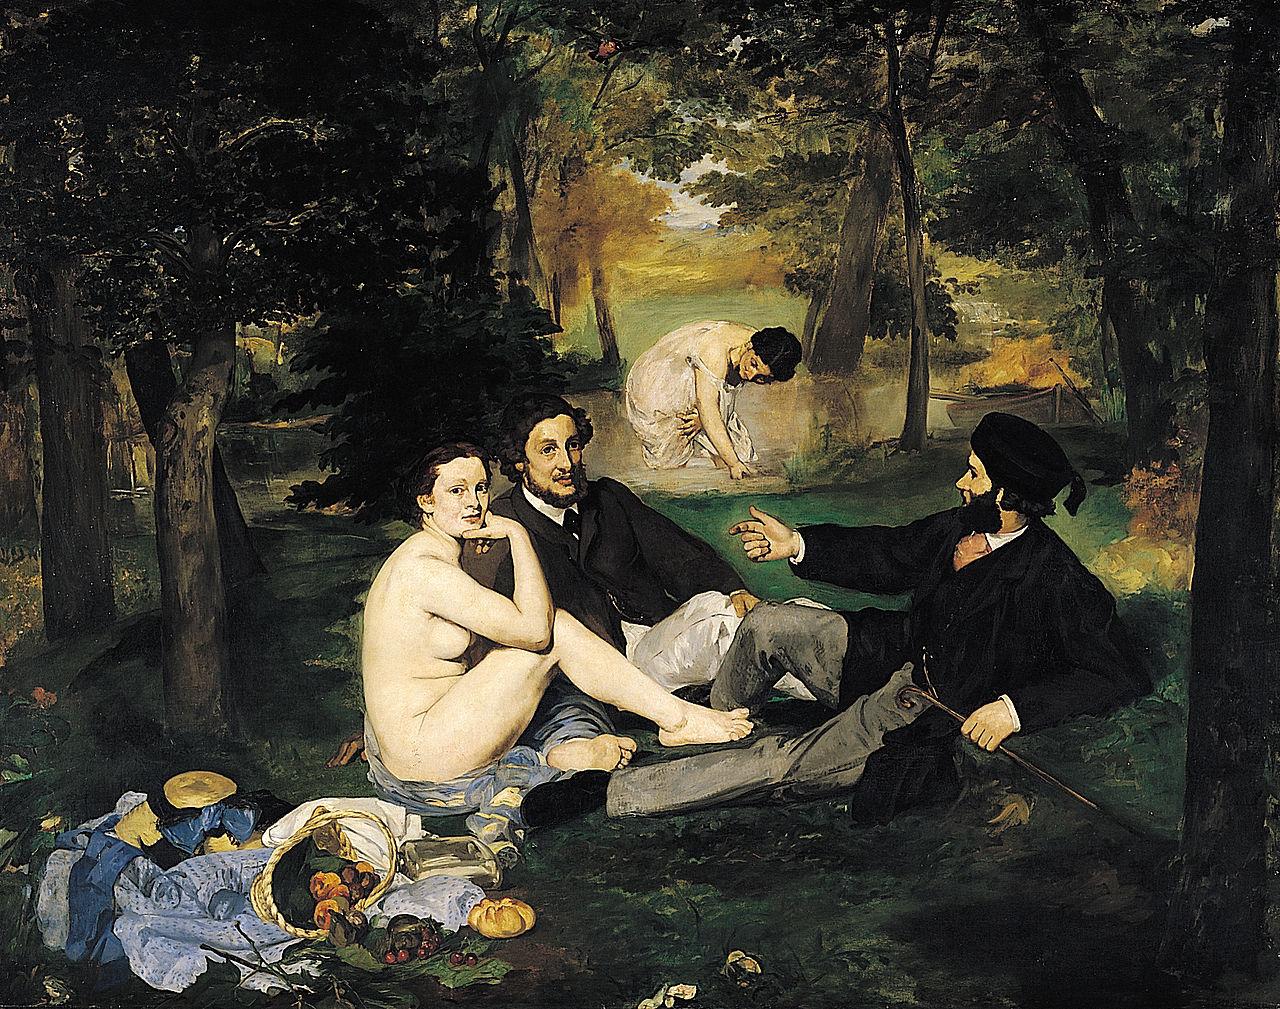 Эдуар Мане. Завтрак на траве.1863